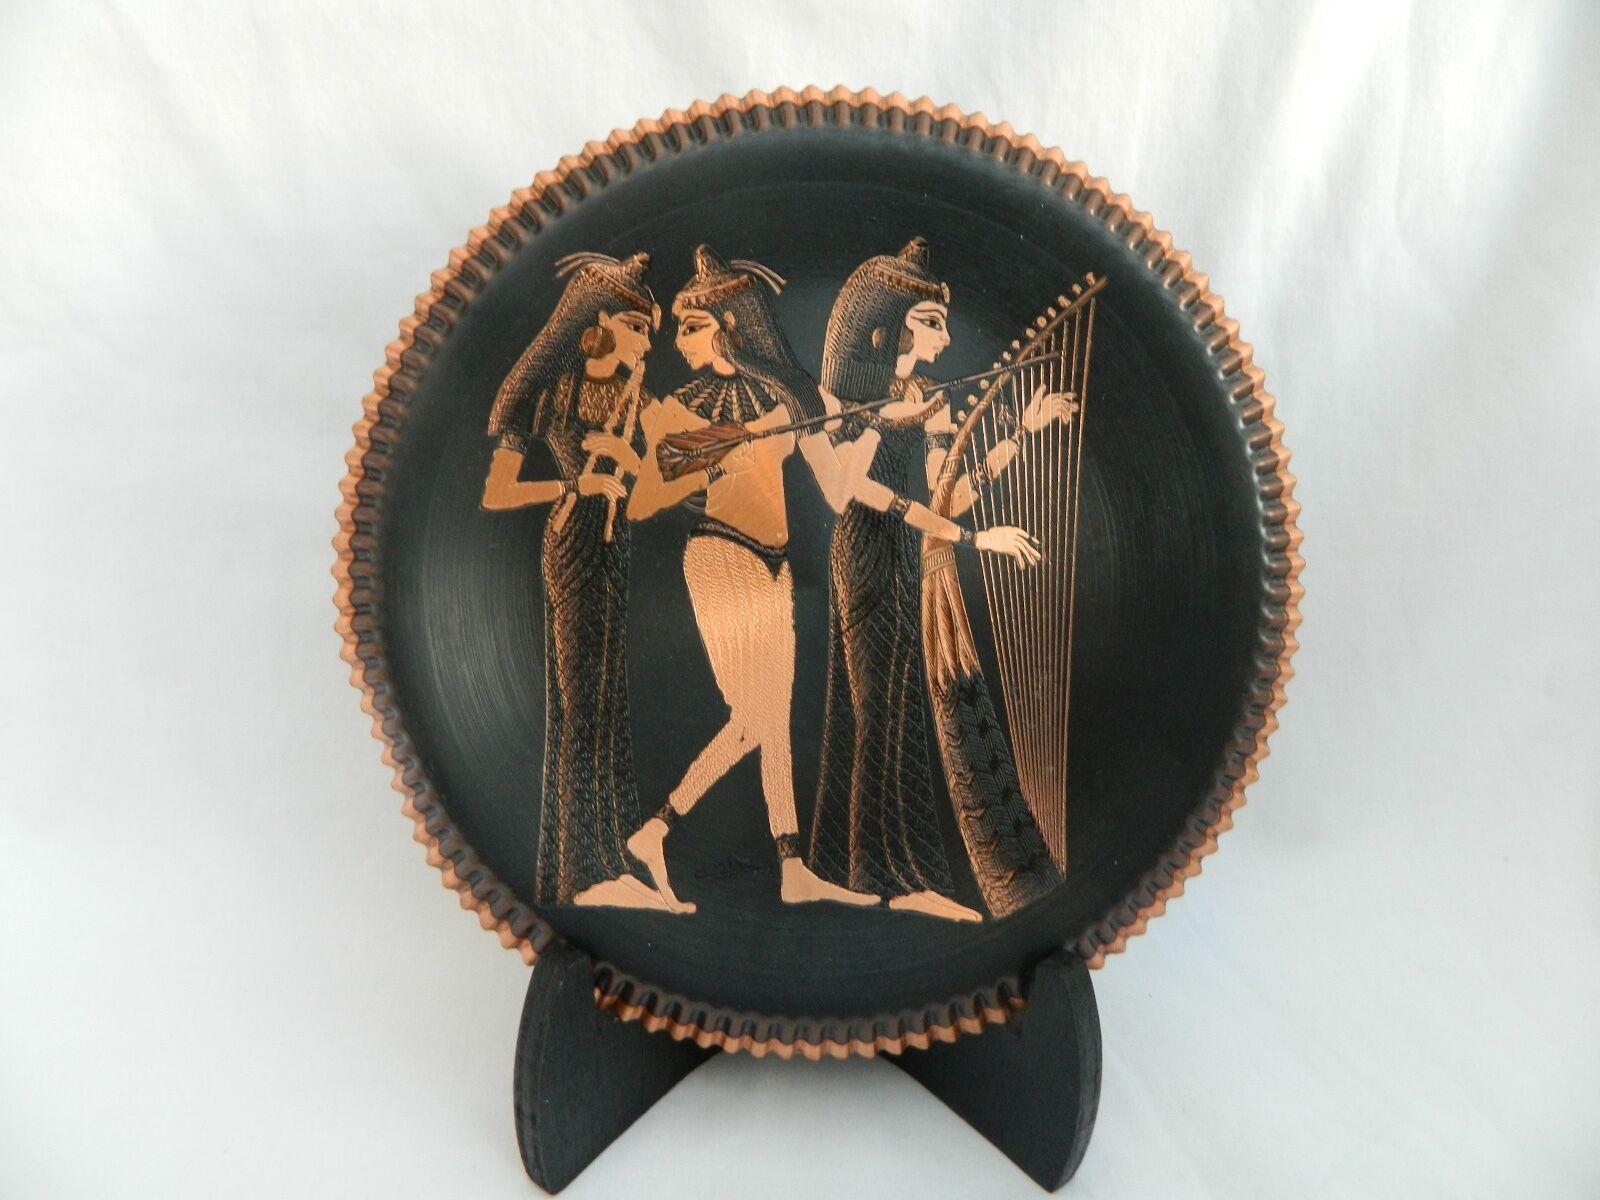 Agyptisch Kupfer Dekor Platte Muscians Hochwertig 19 7cm